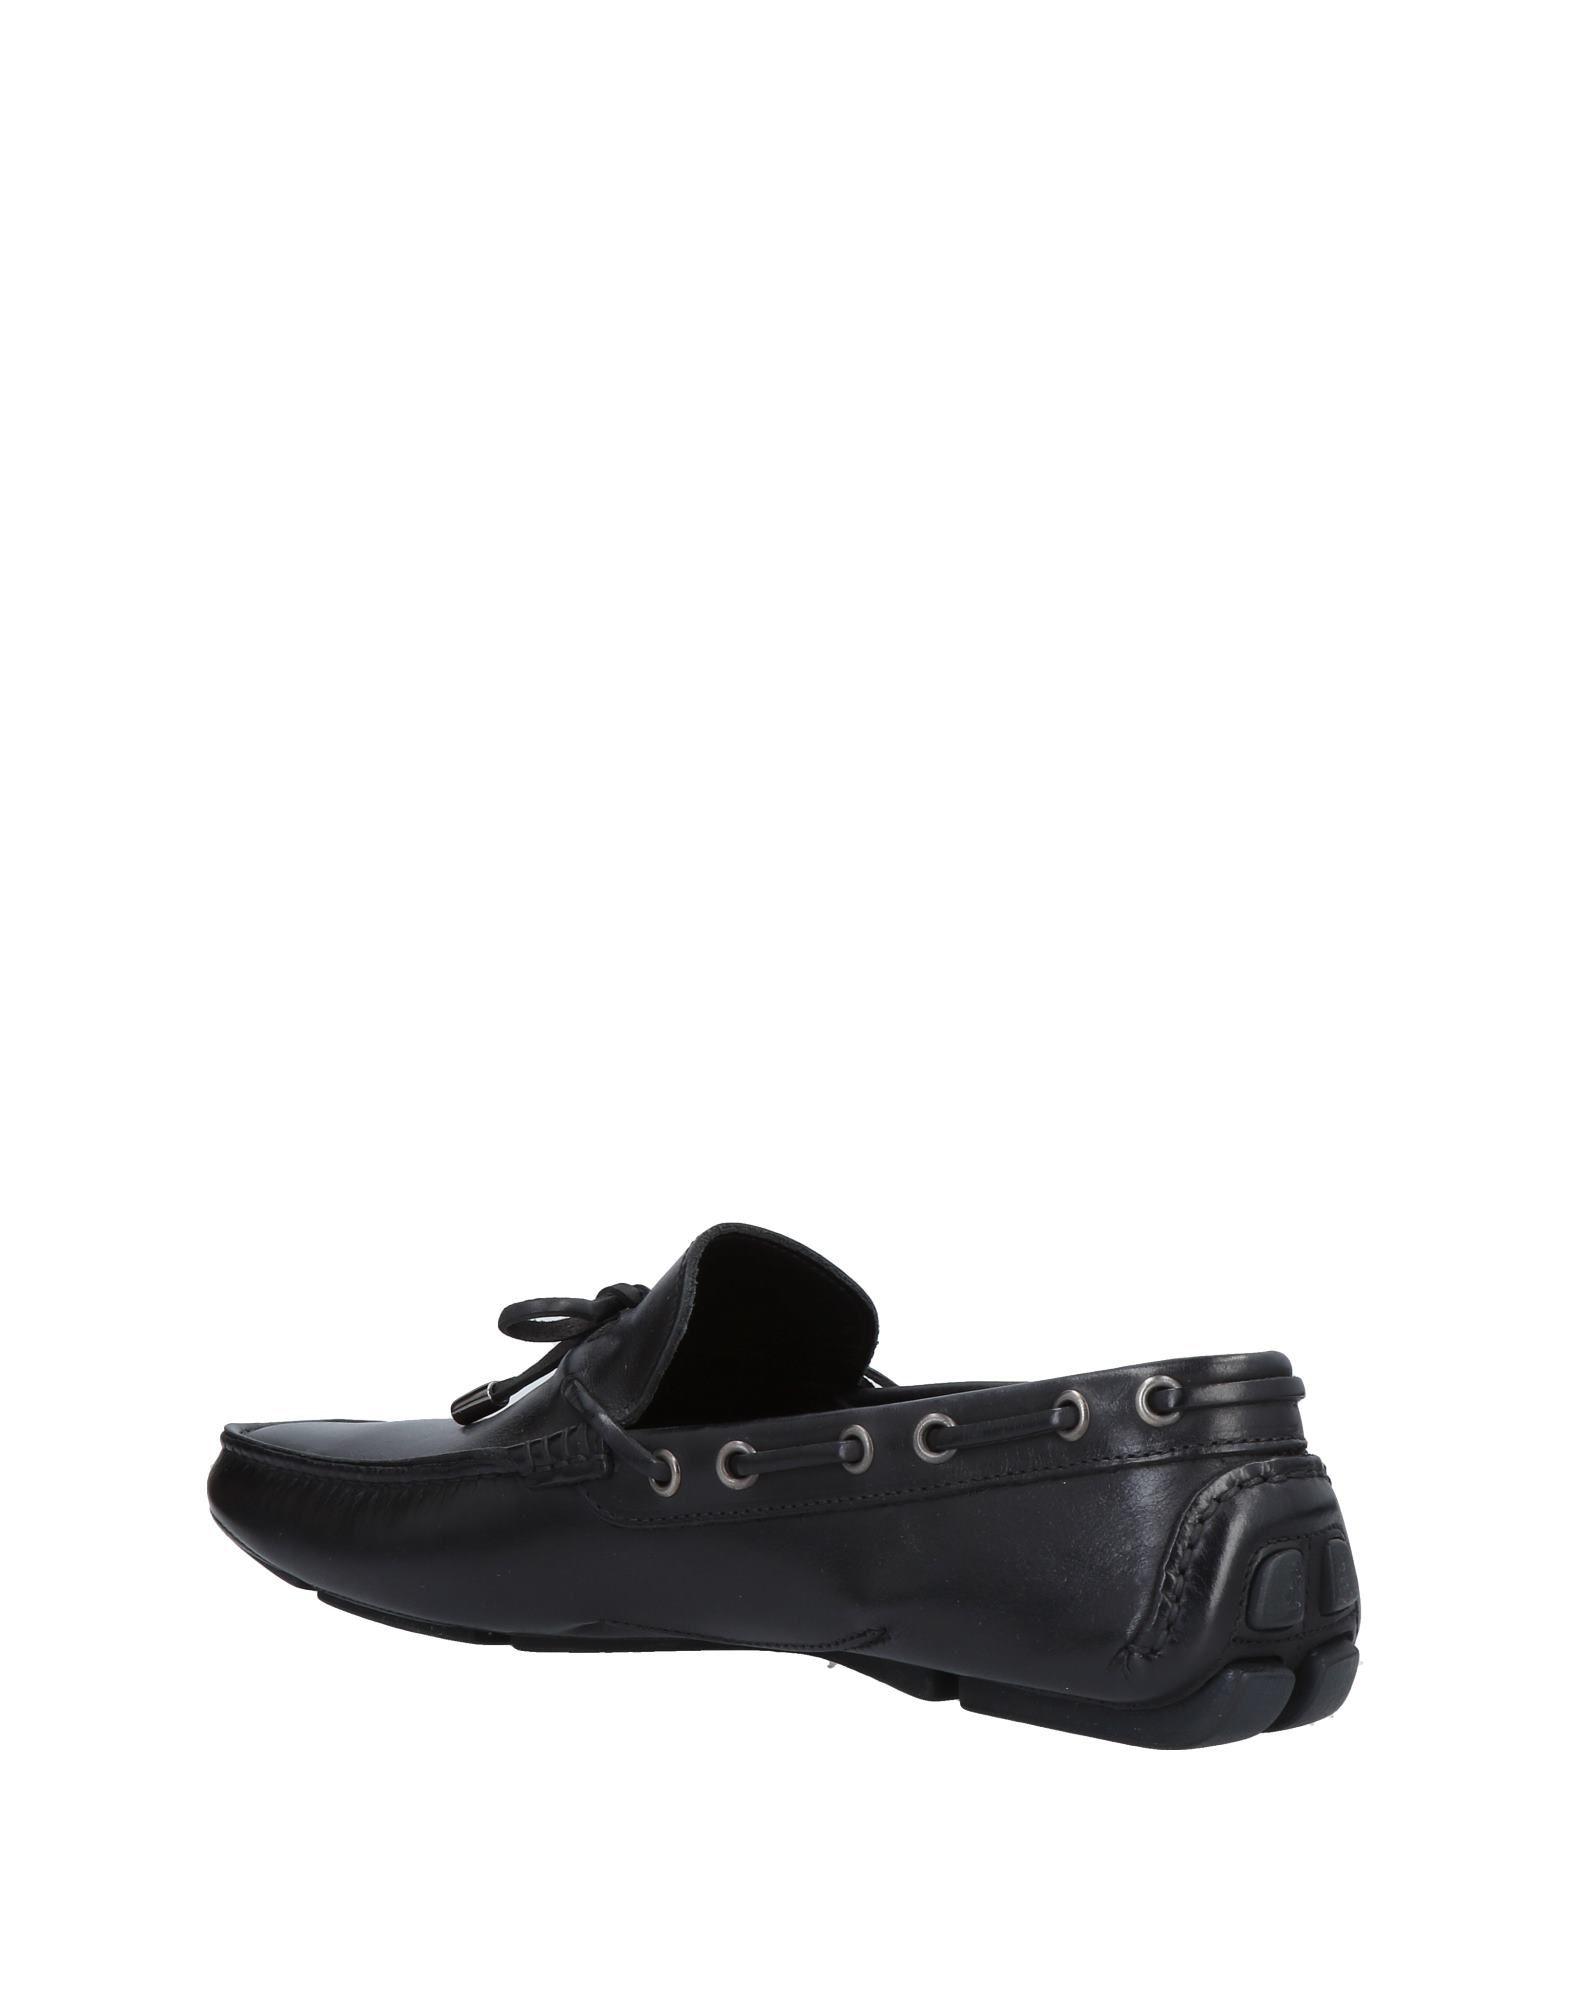 Just Cavalli Mokassins Herren  Schuhe 11472908XM Gute Qualität beliebte Schuhe  eb3226